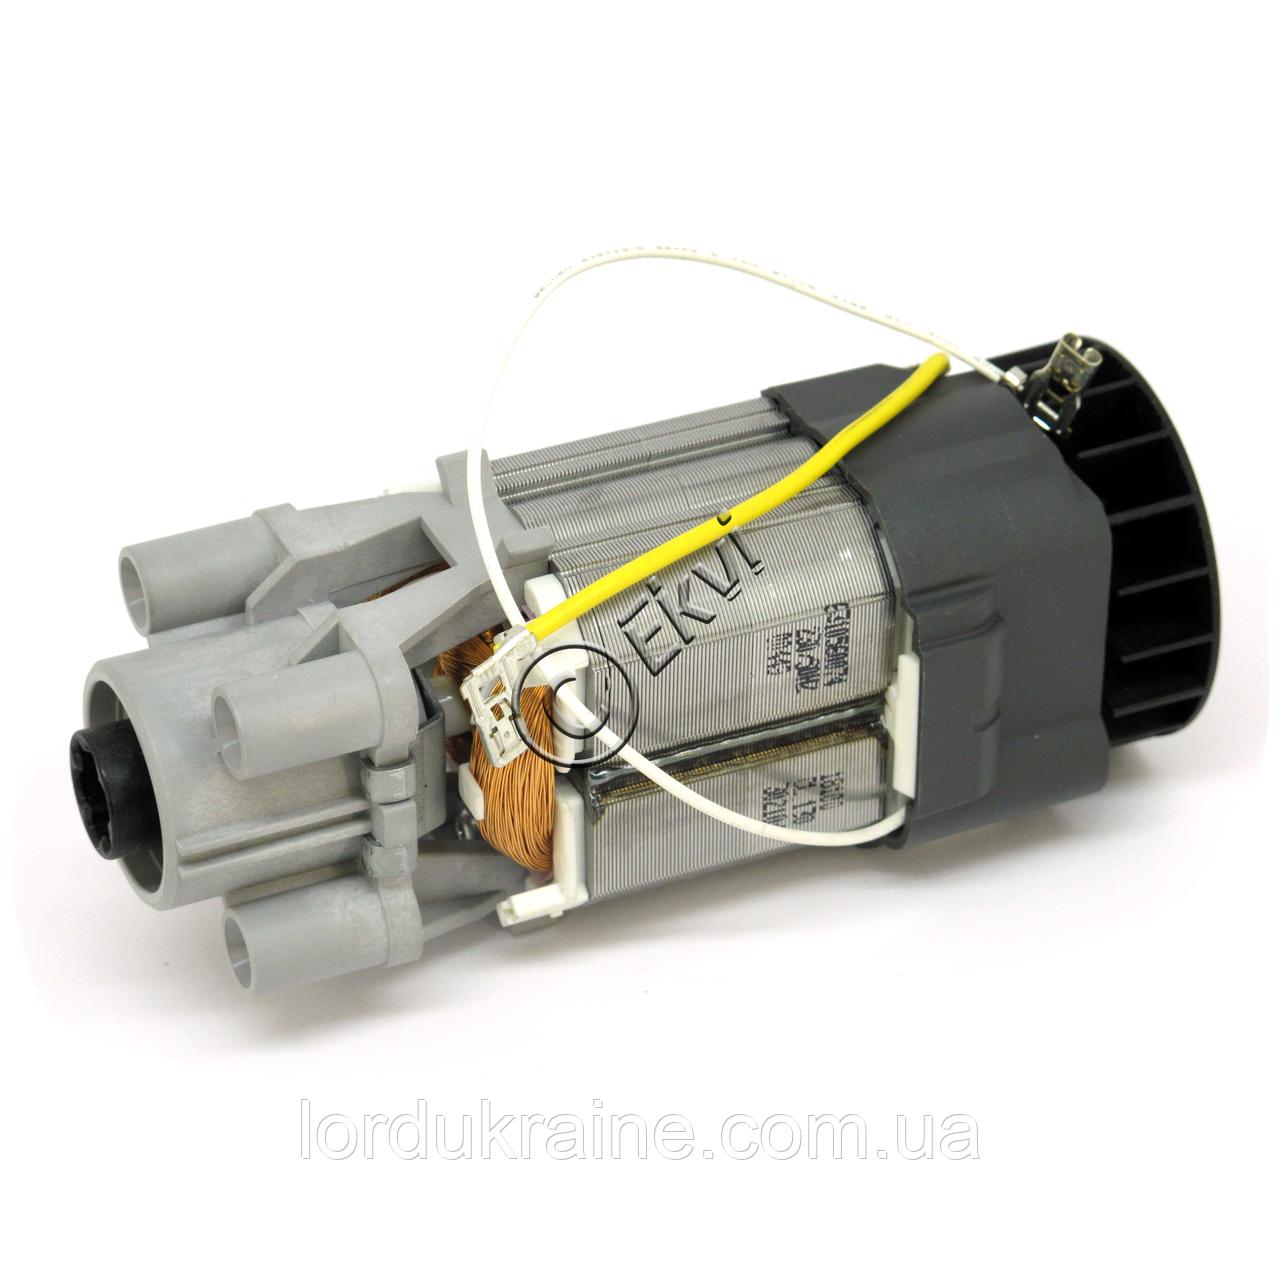 Двигатель 89104 ММР240 для ручных миксеров Robot Coupe